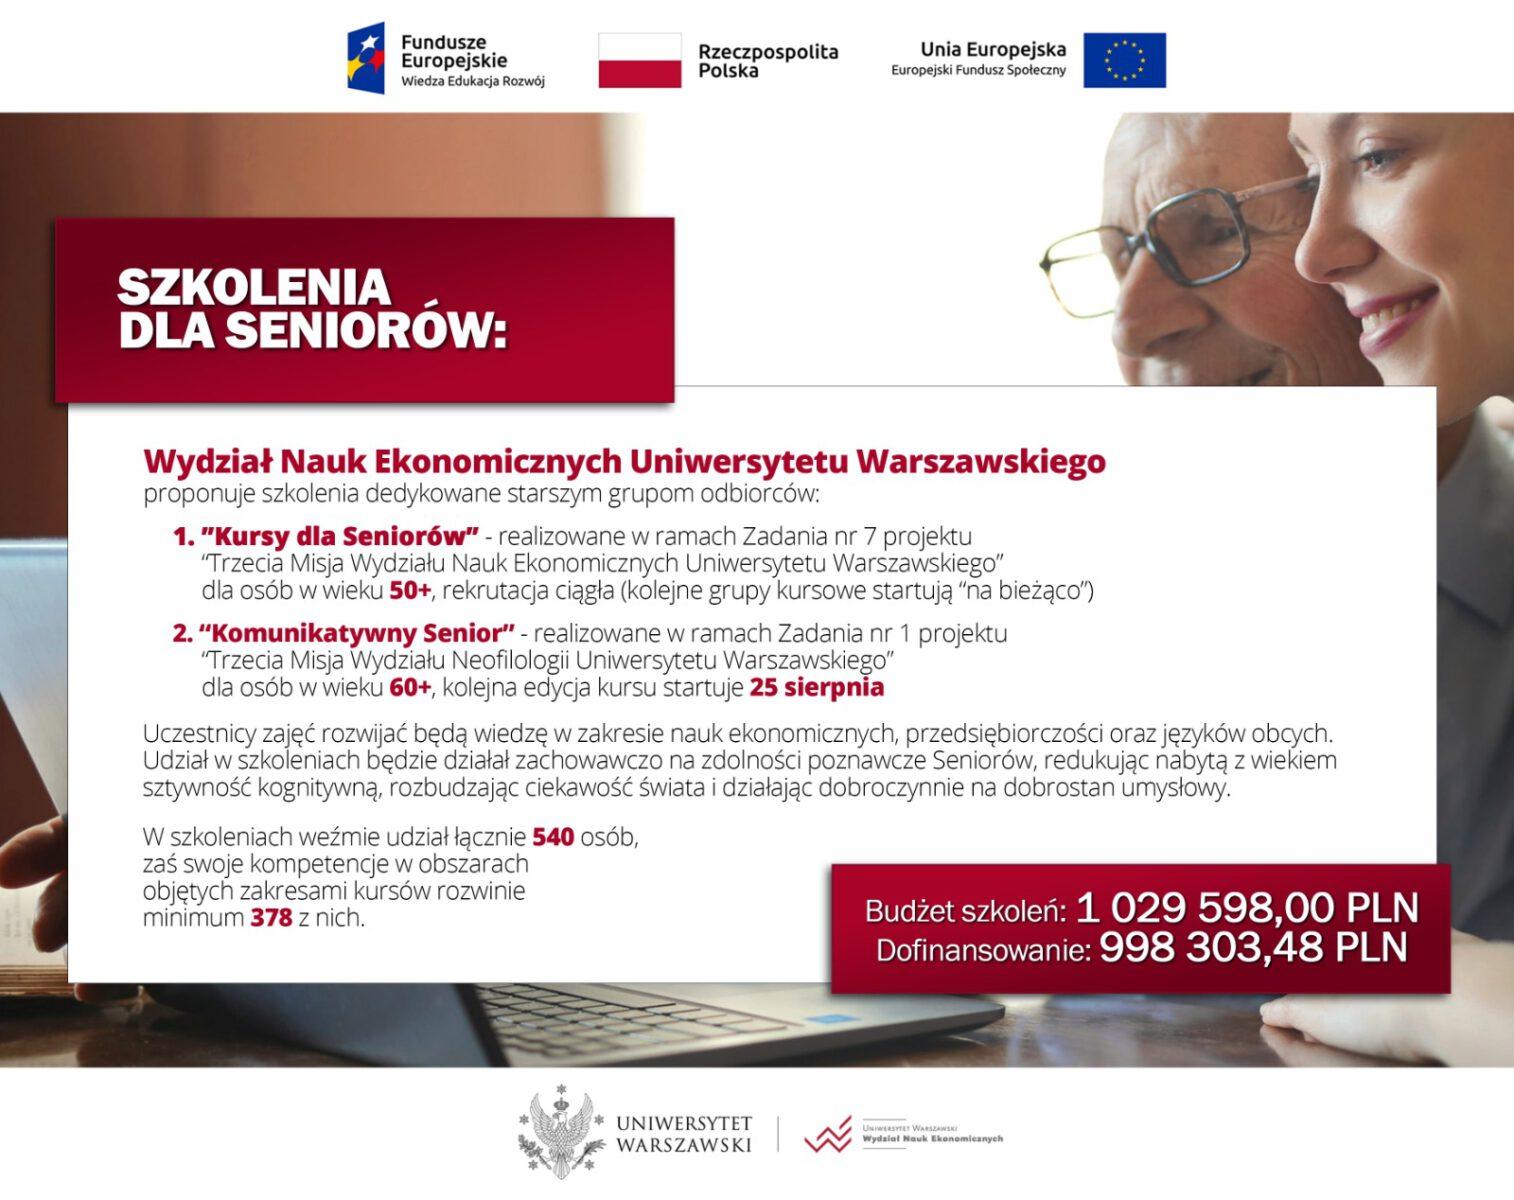 Plakat informujący o darmowych kursach on-line dla seniorów